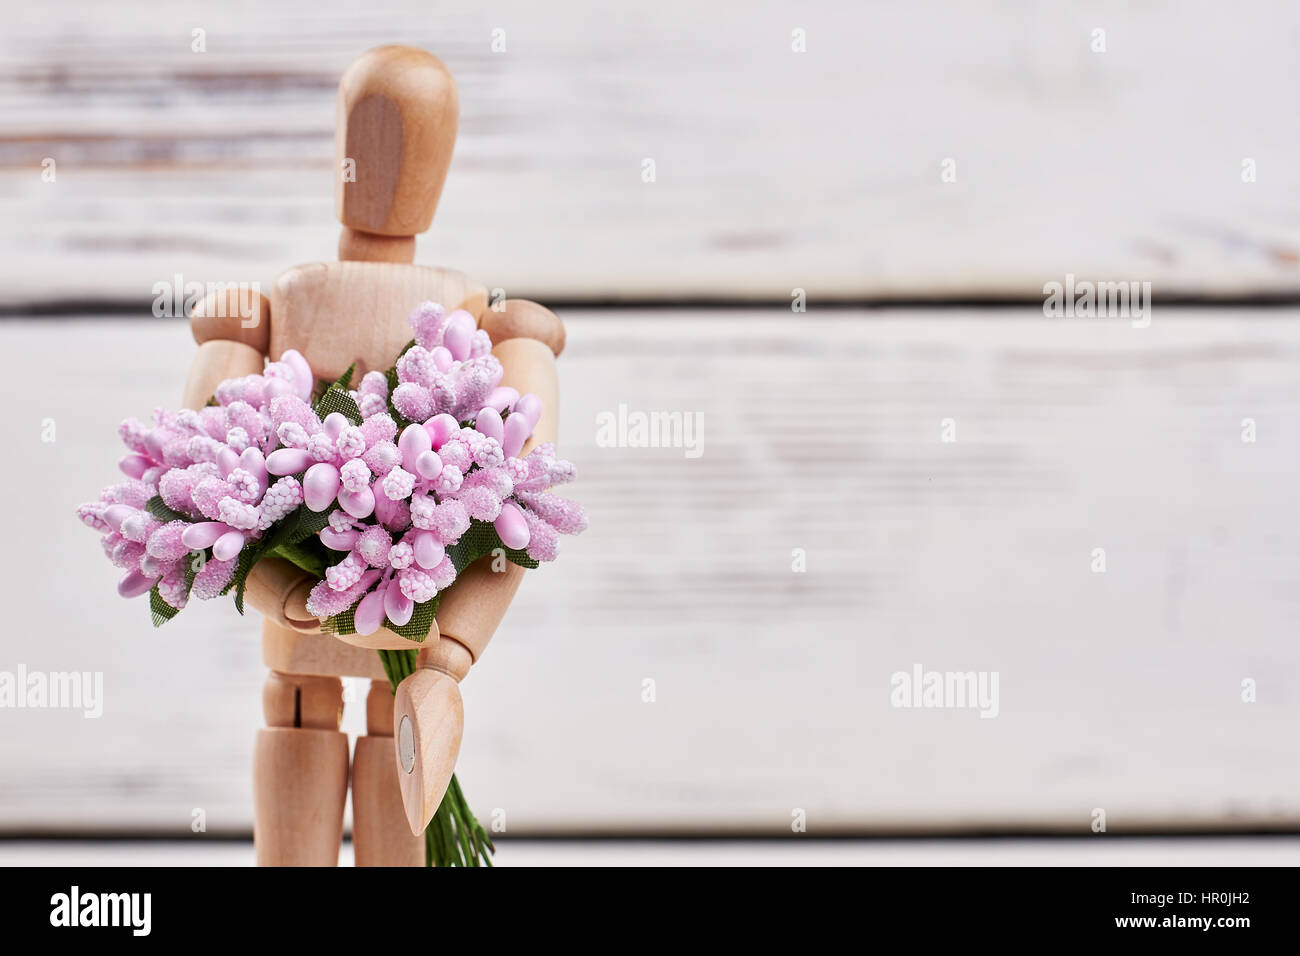 Männchen Mit Blumenstrauß Romantische Guten Morgen